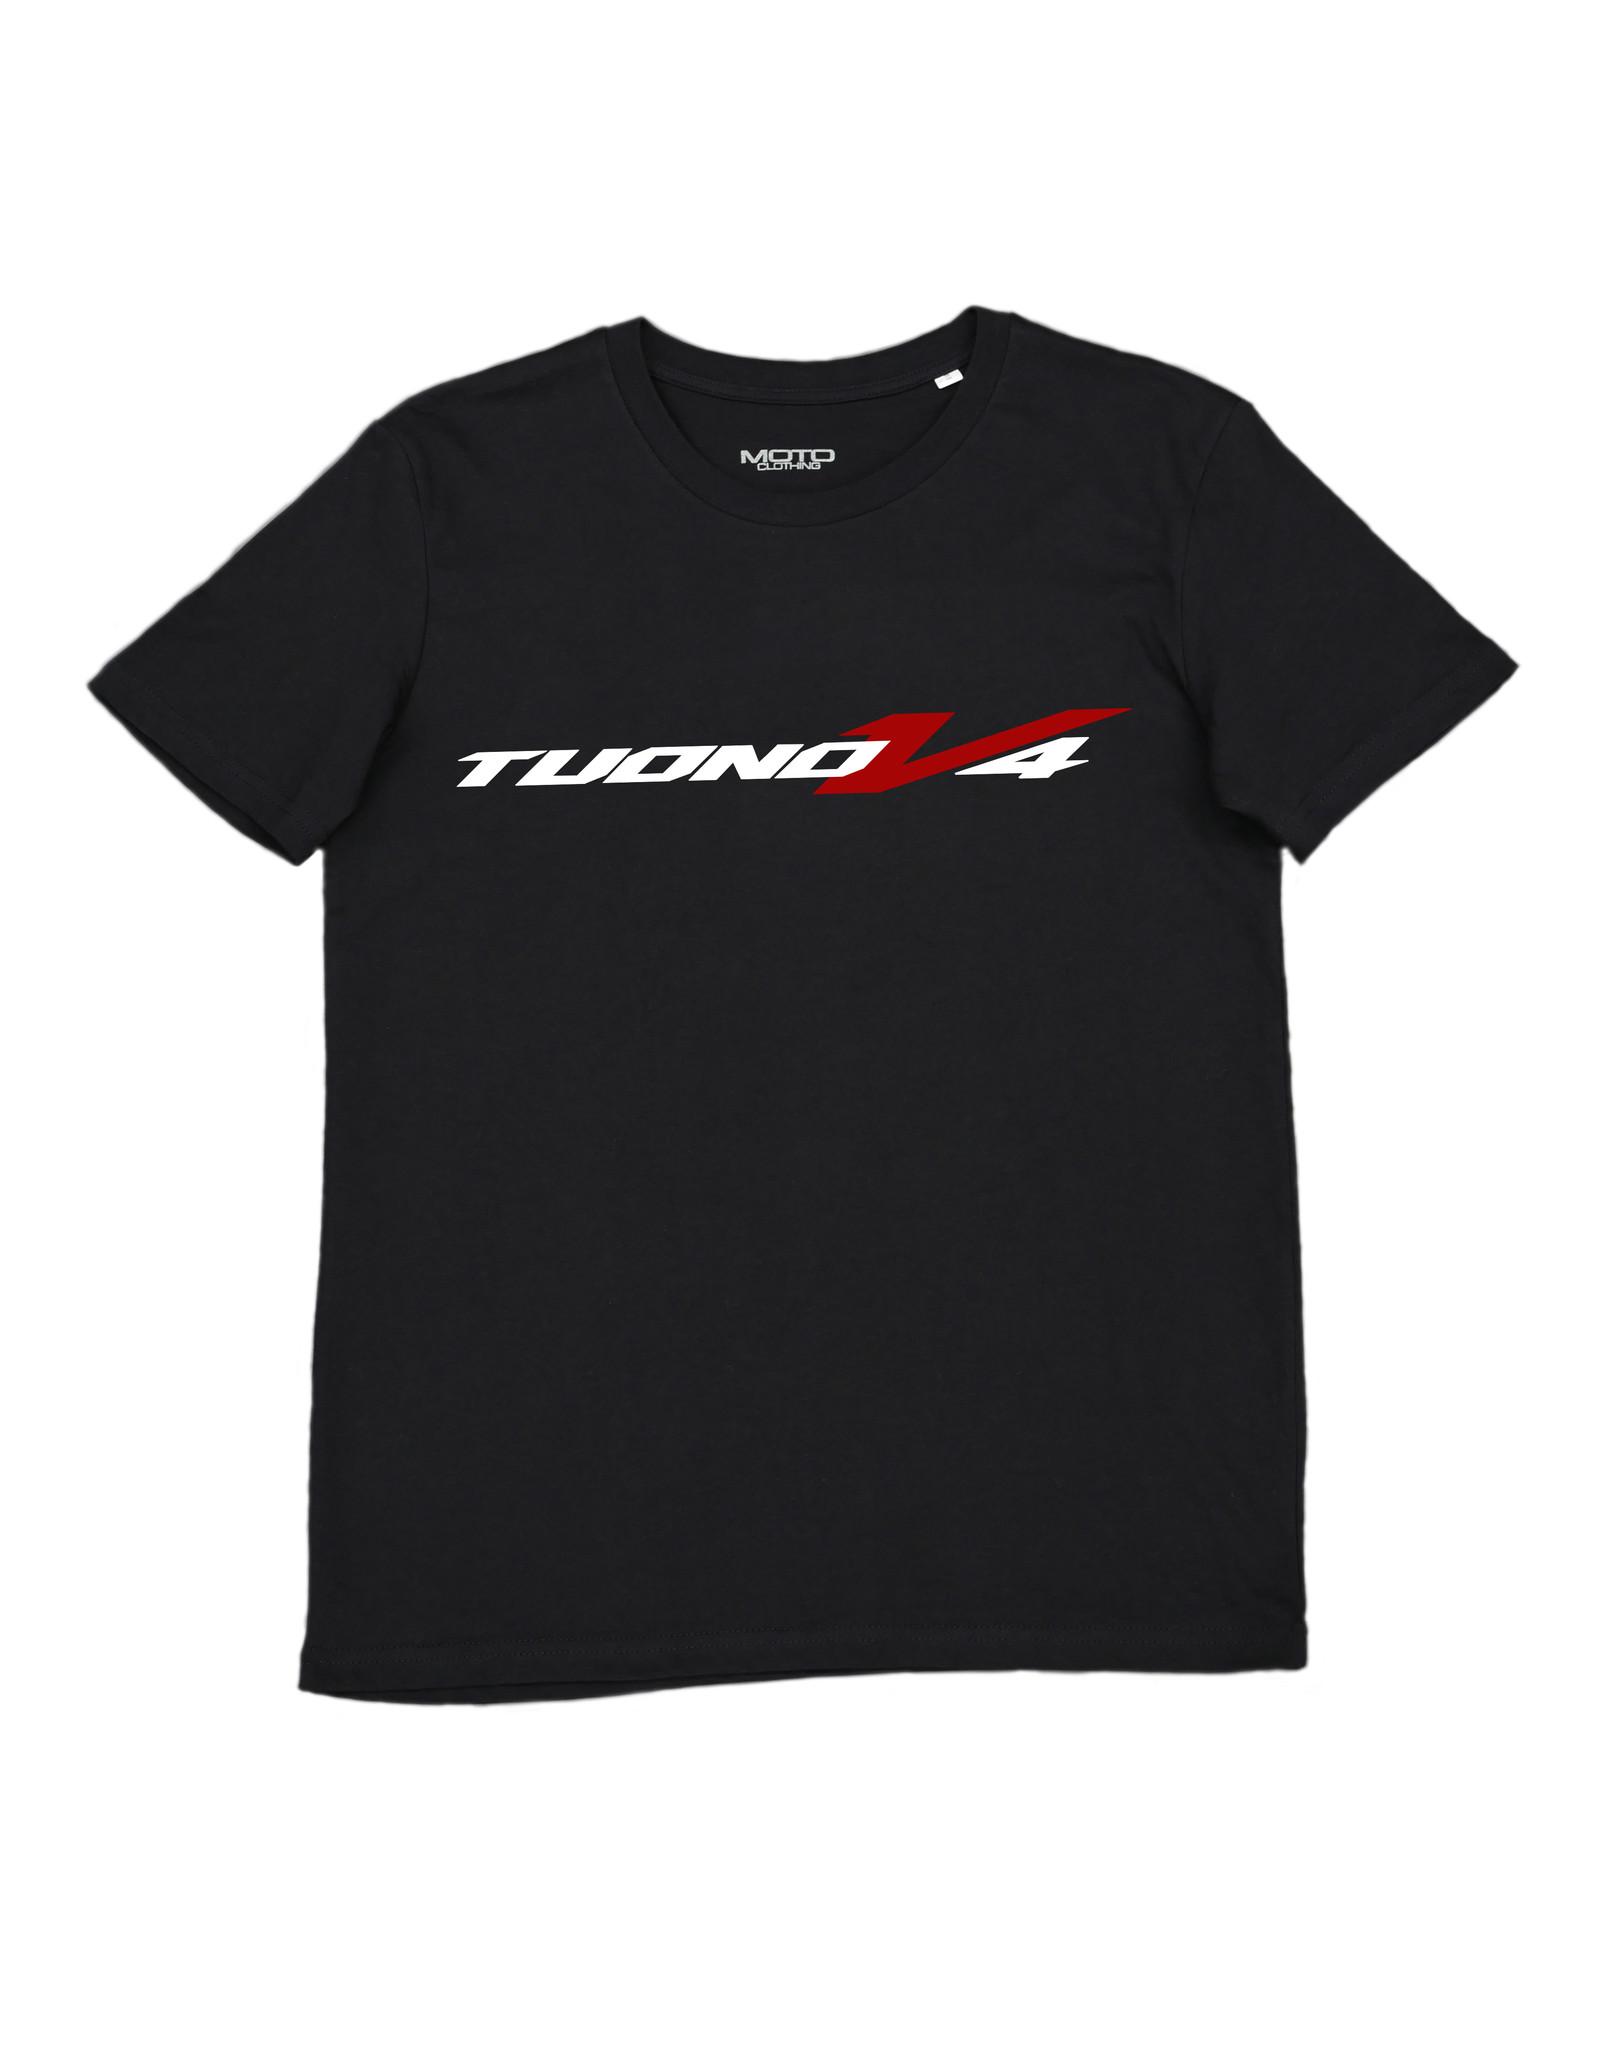 MOTO CLOTHING Tuono V4 T Shirt